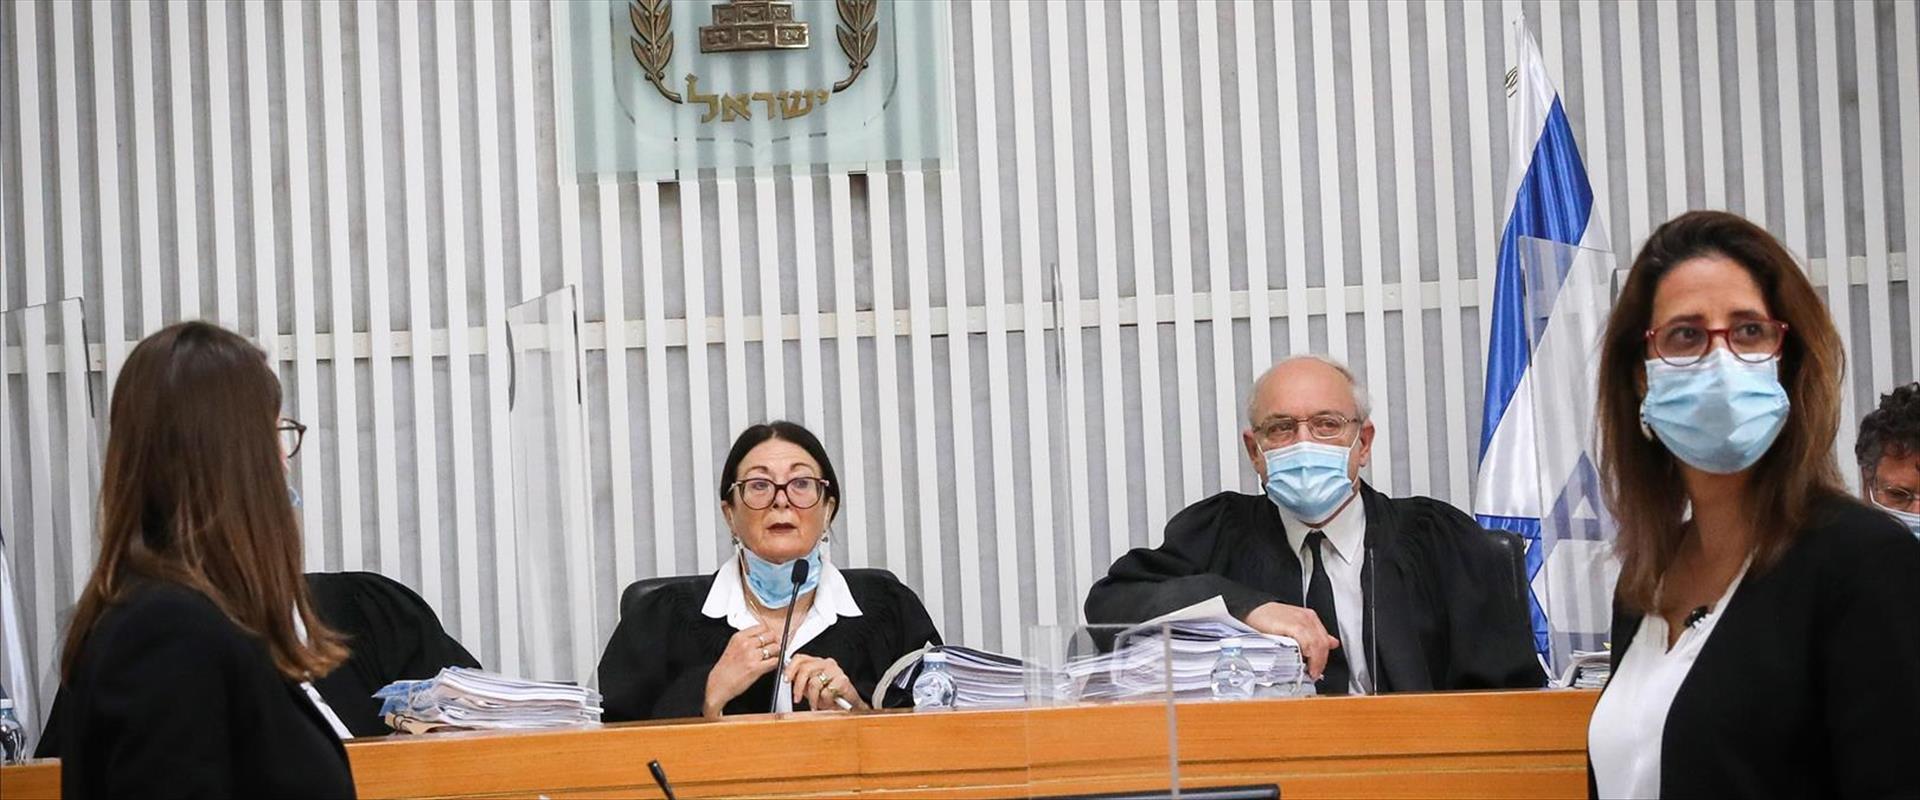 אסתר חיות וחנן מלצר שופטי בית המשפט העליון